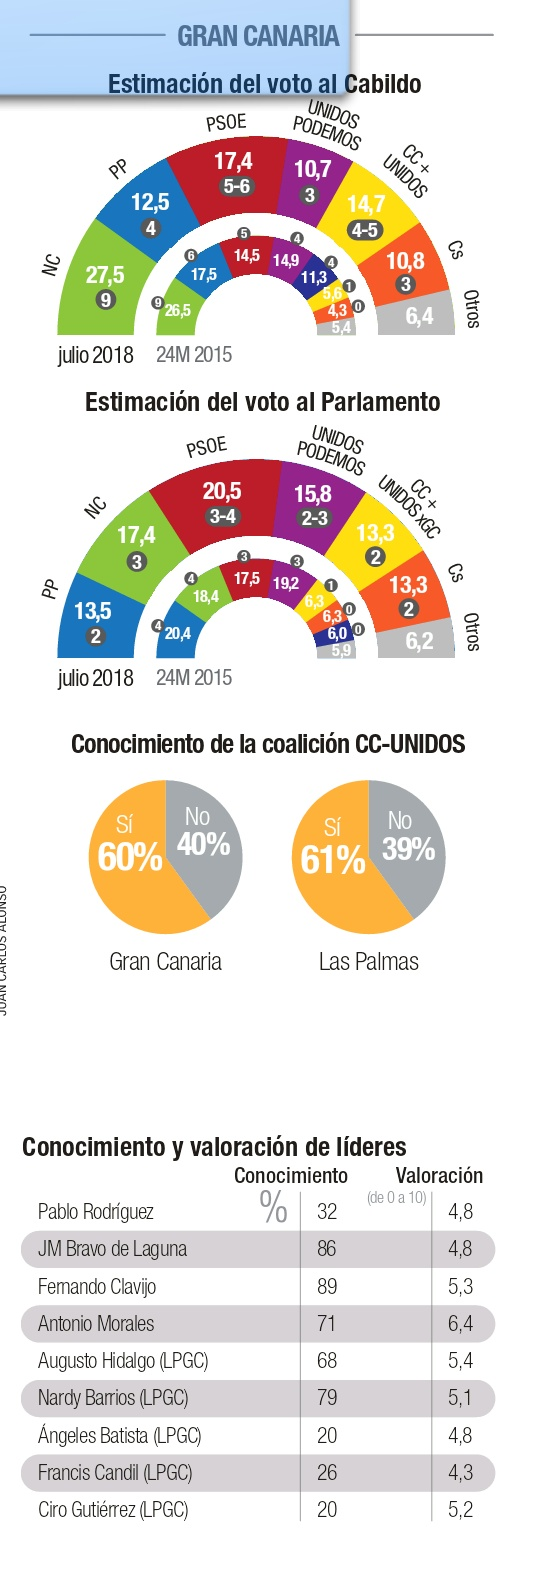 Canarias7: Nueva Canarias se perfila como primera fuerza en el Cabildo de Gran Canaria. El PSOE primero en el Parlamento.